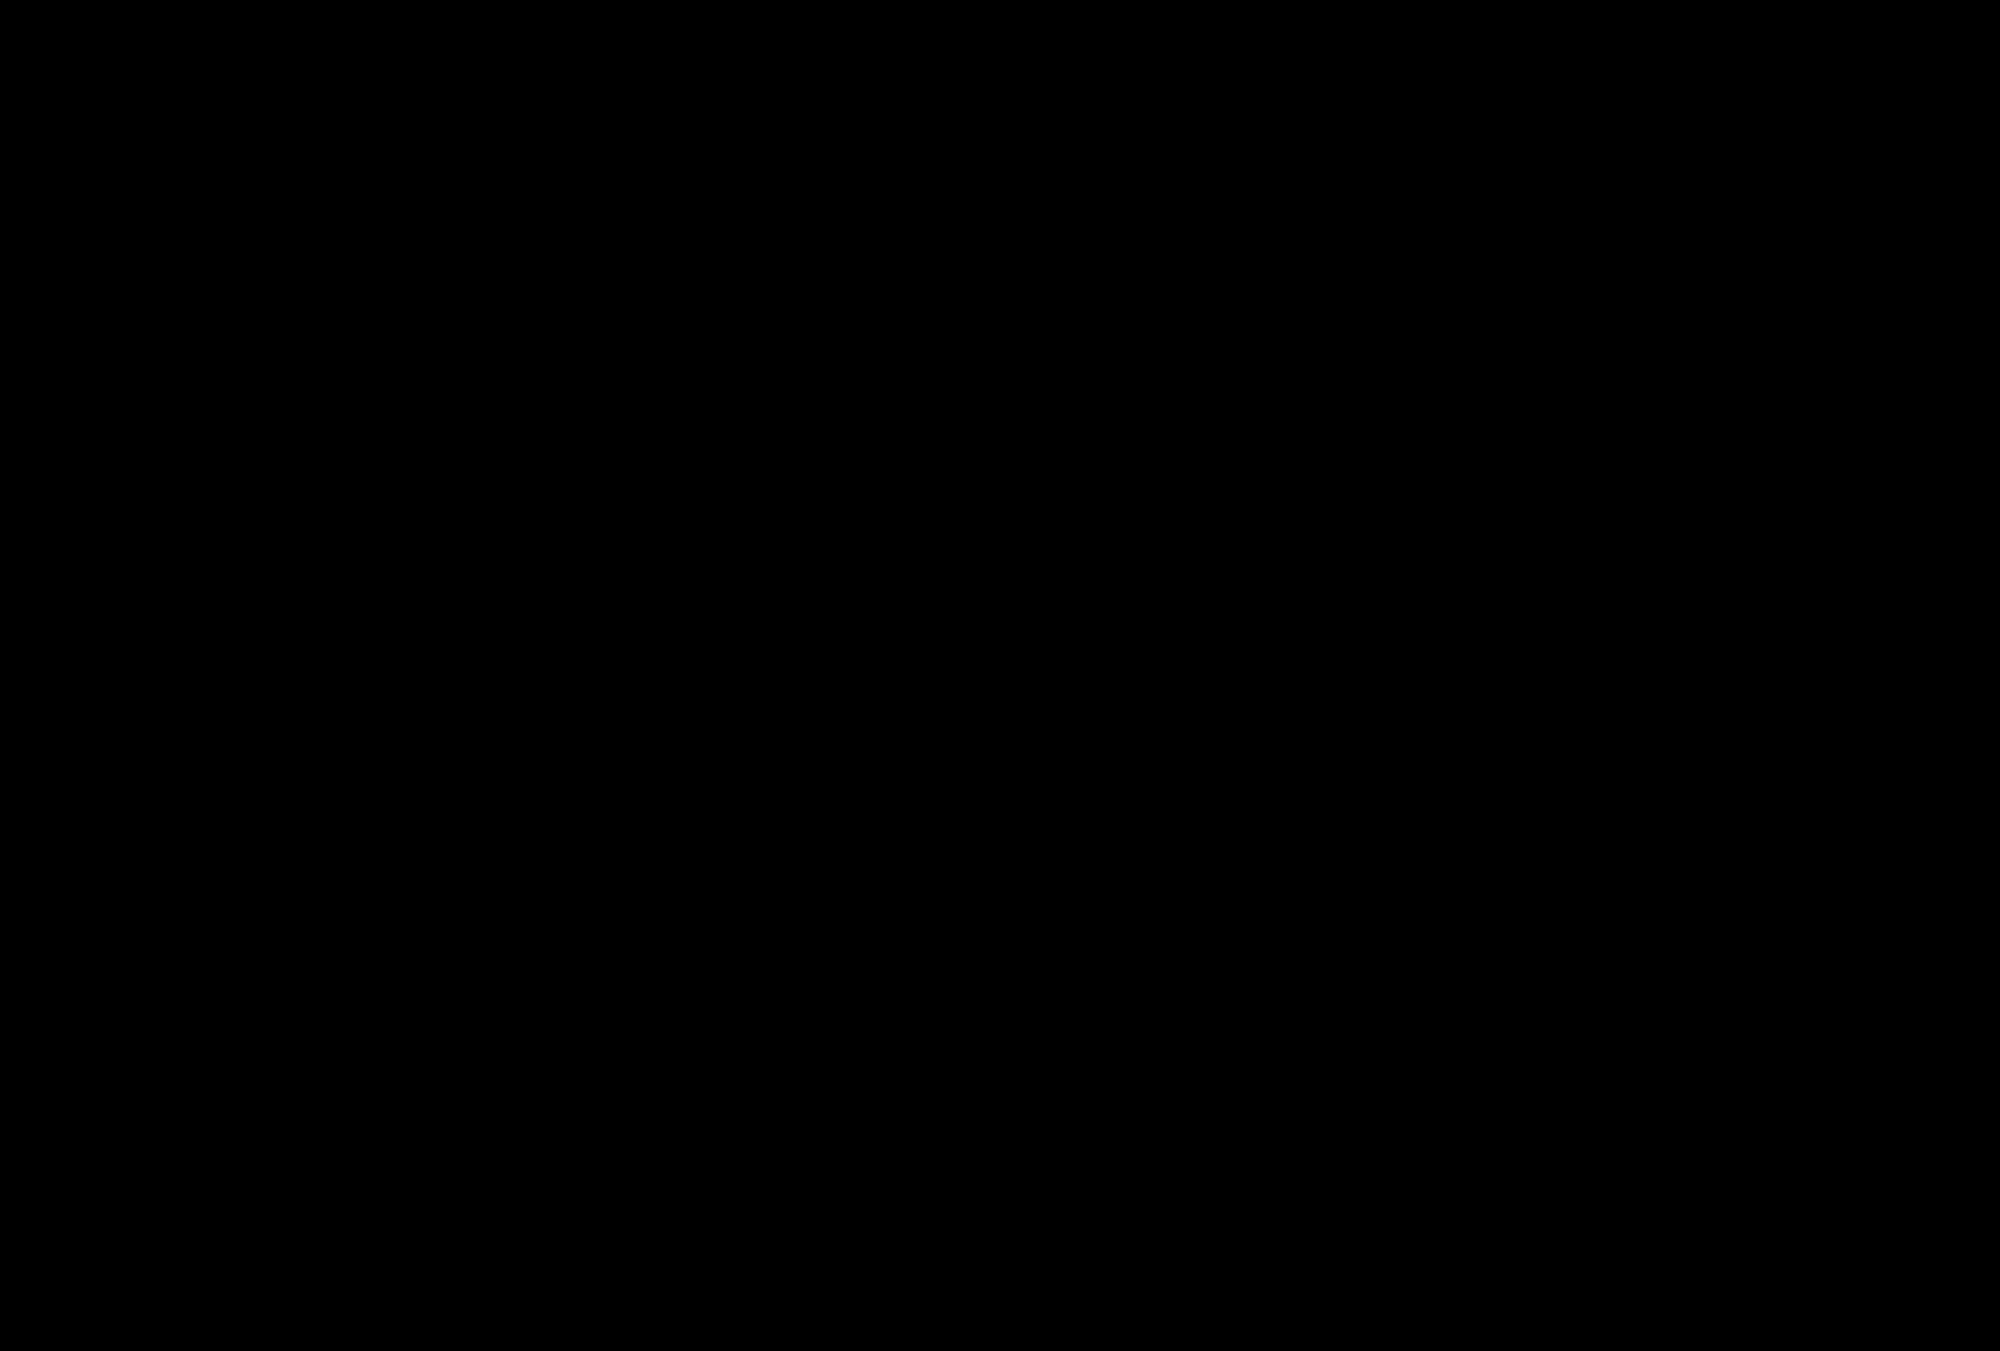 Caratteri tipografici pipù utilizzati in pubblicità: Avant Garde